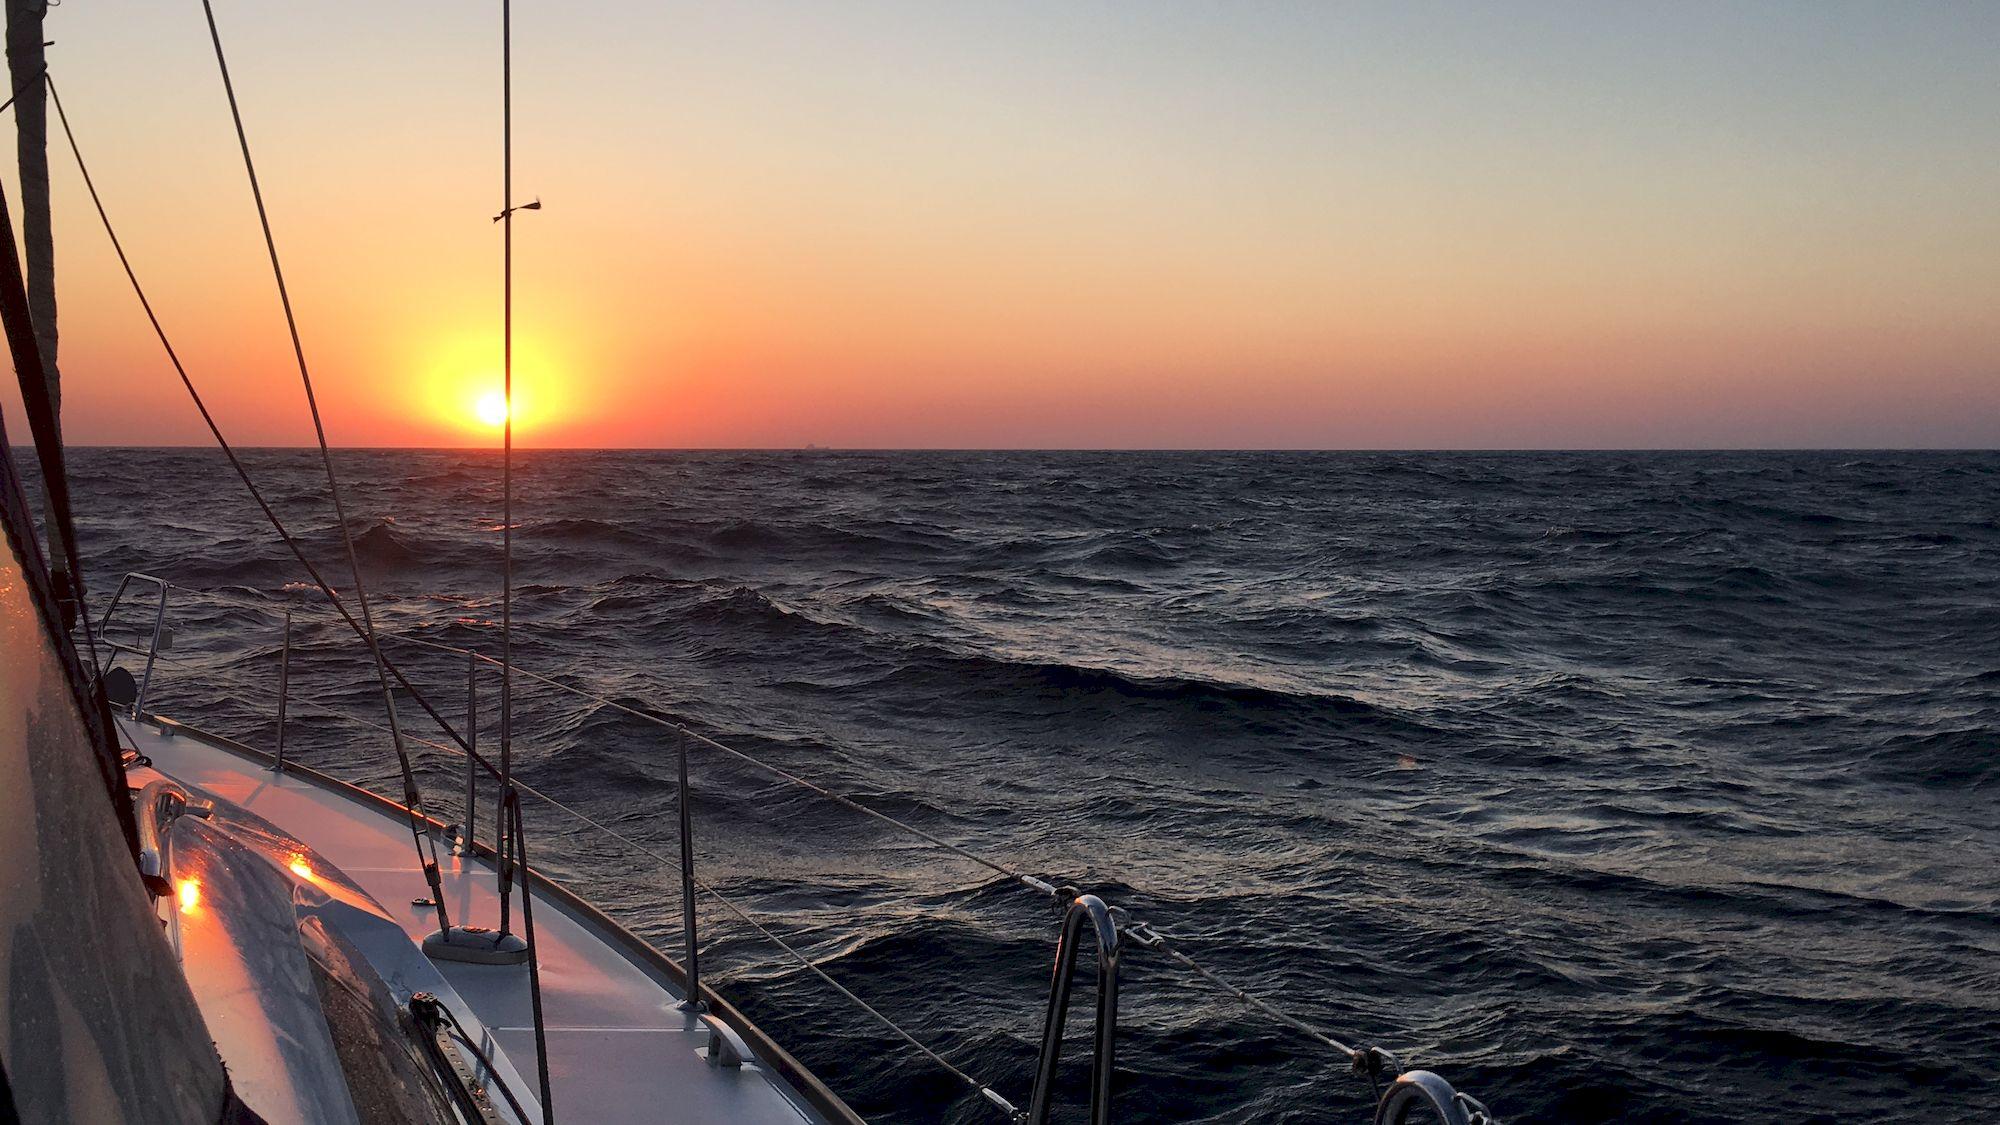 030-IMG_3530_千帆俱乐部我要航海网帆船队-2016威海-仁川国际帆船赛.JPG